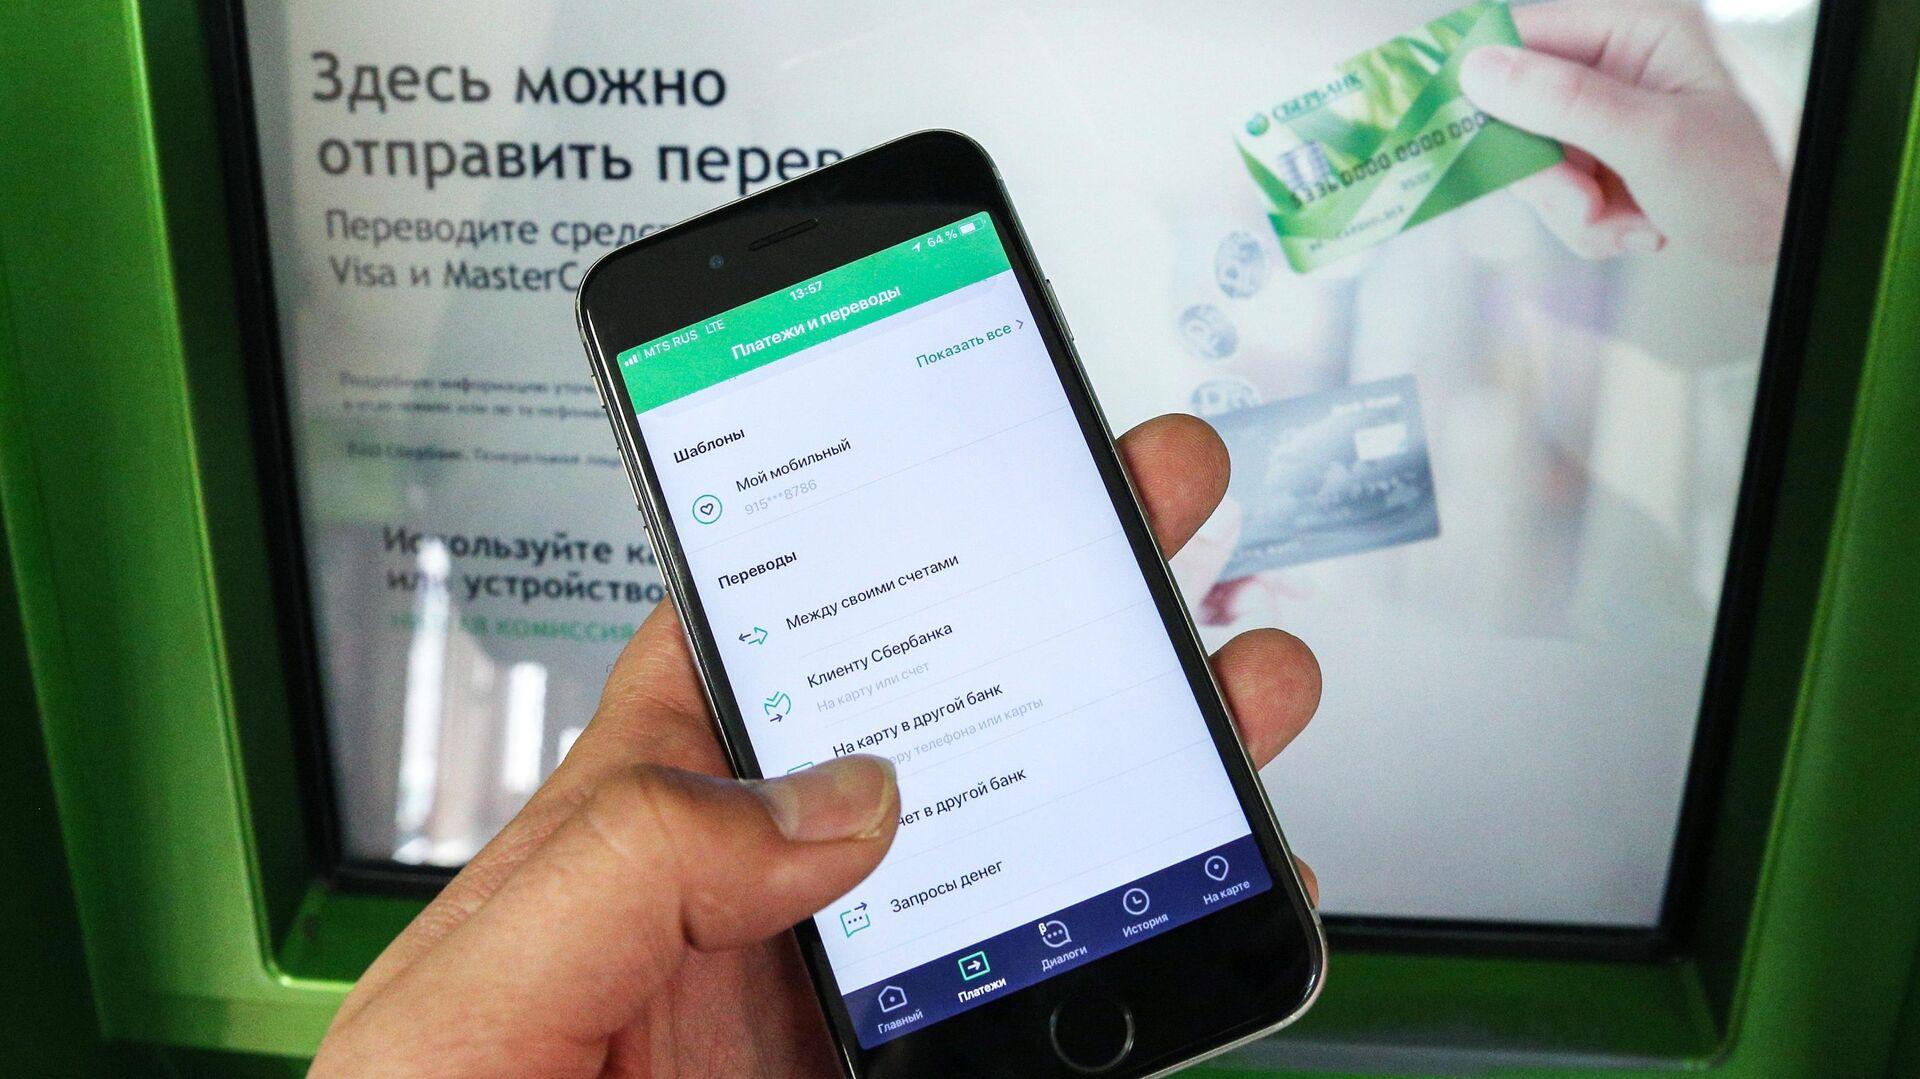 Мобильное приложение Сбербанк Онлайн - РИА Новости, 1920, 14.08.2020